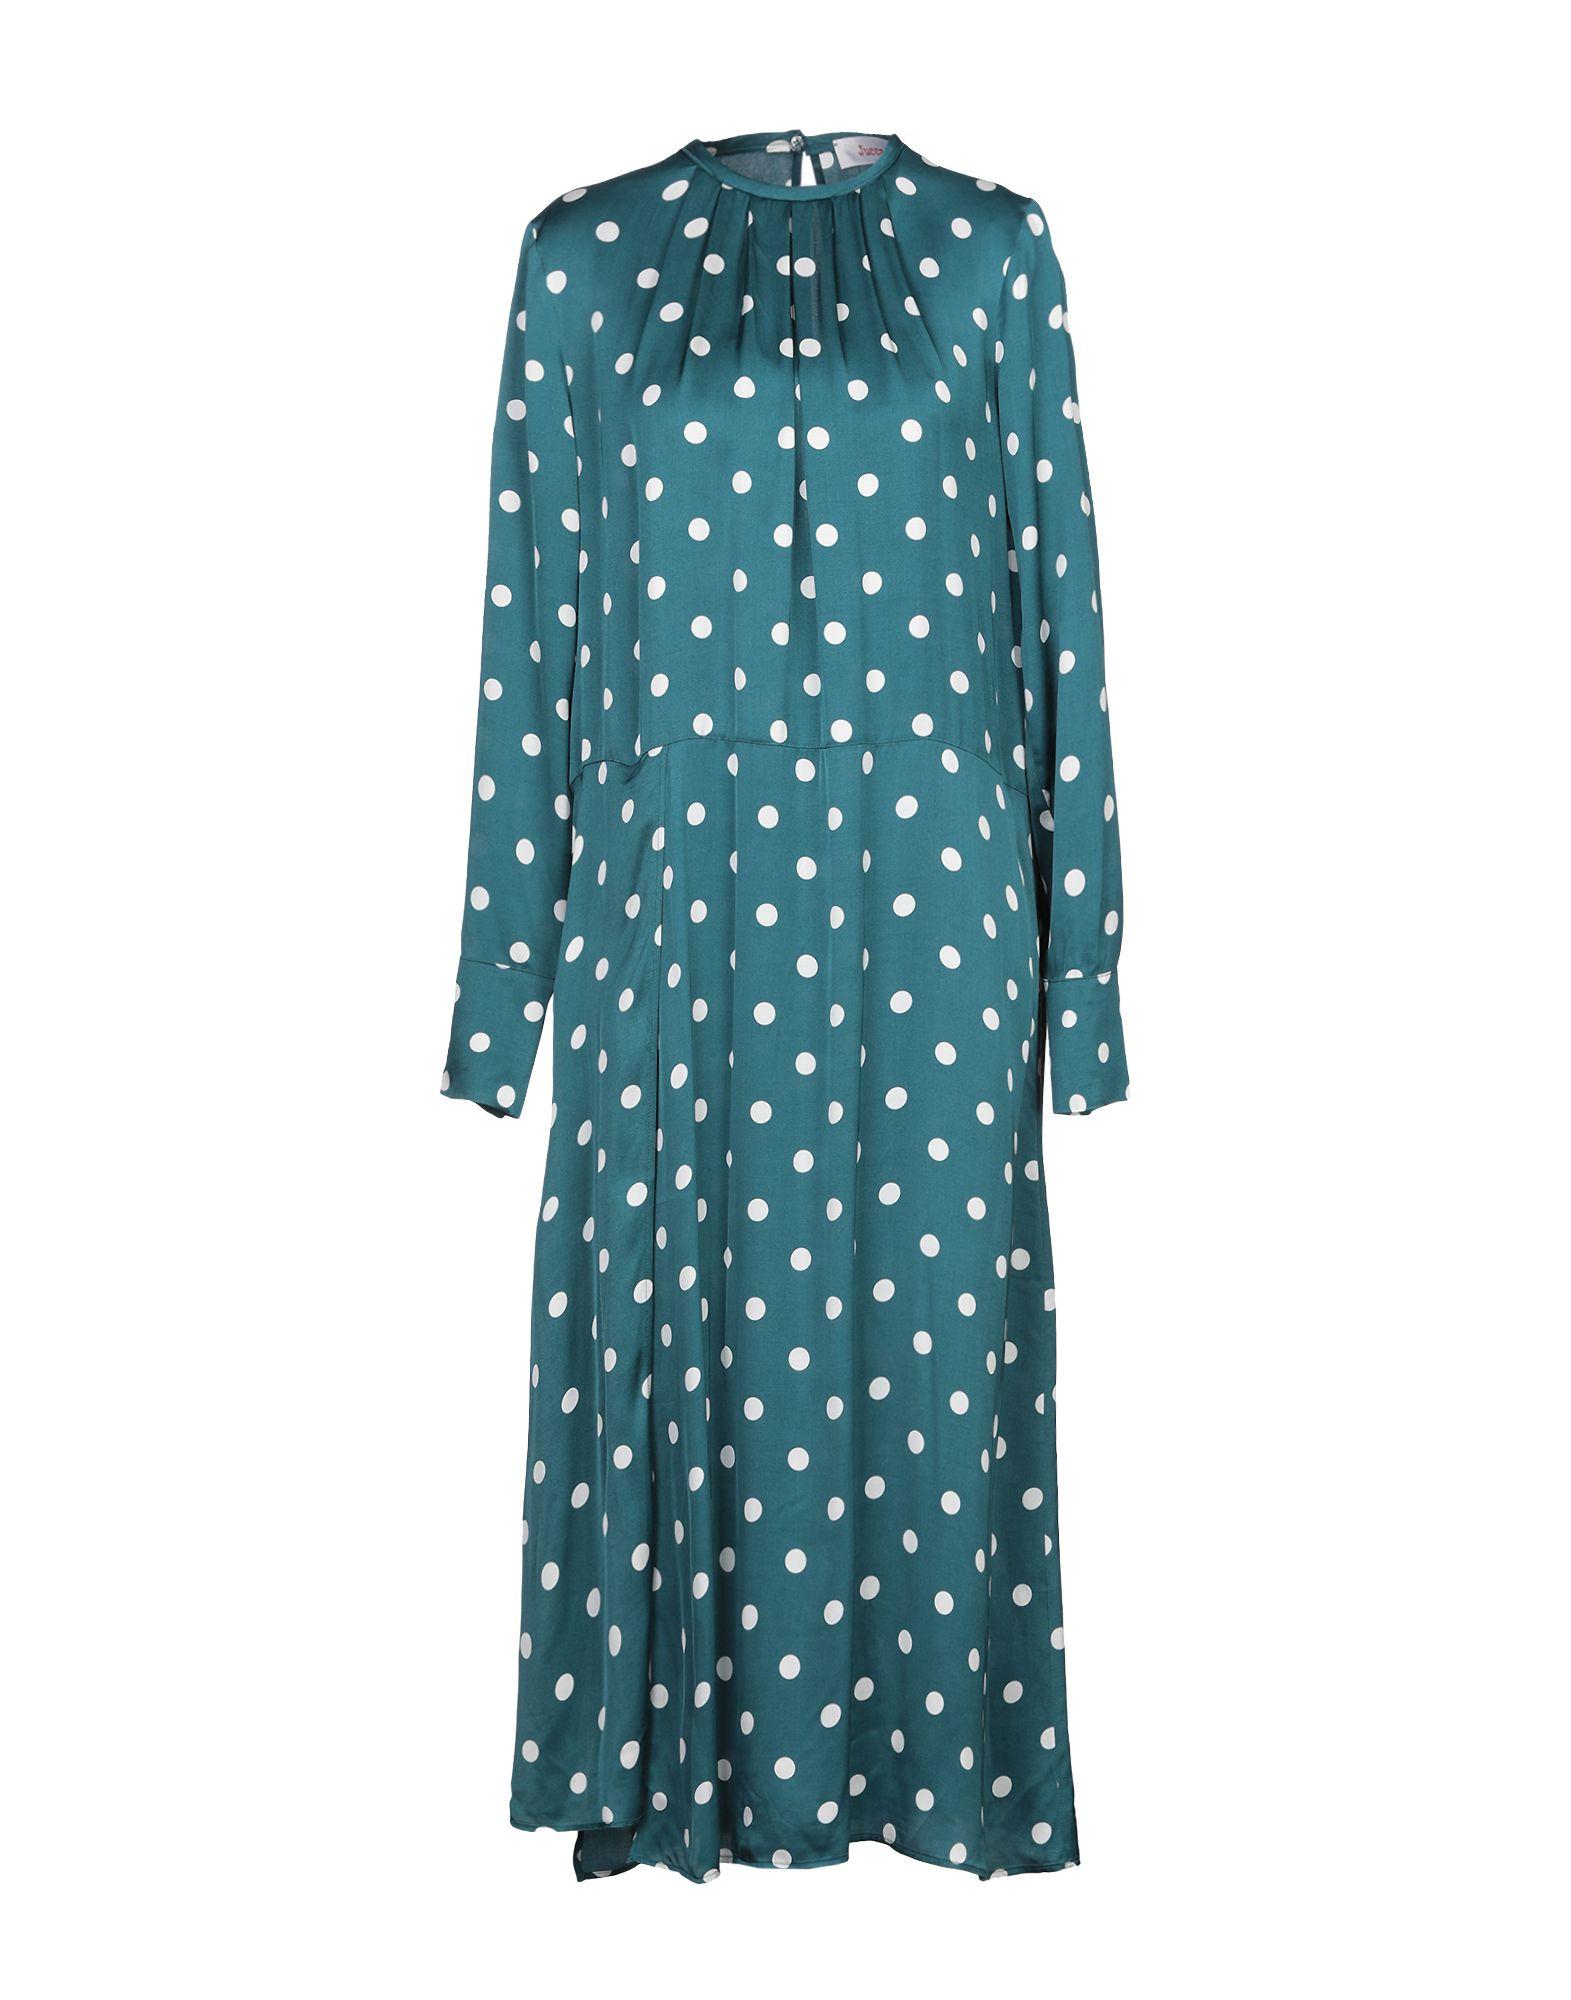 Фото - JUCCA Платье длиной 3/4 платье комбинезон в горошек 1 мес 3 года